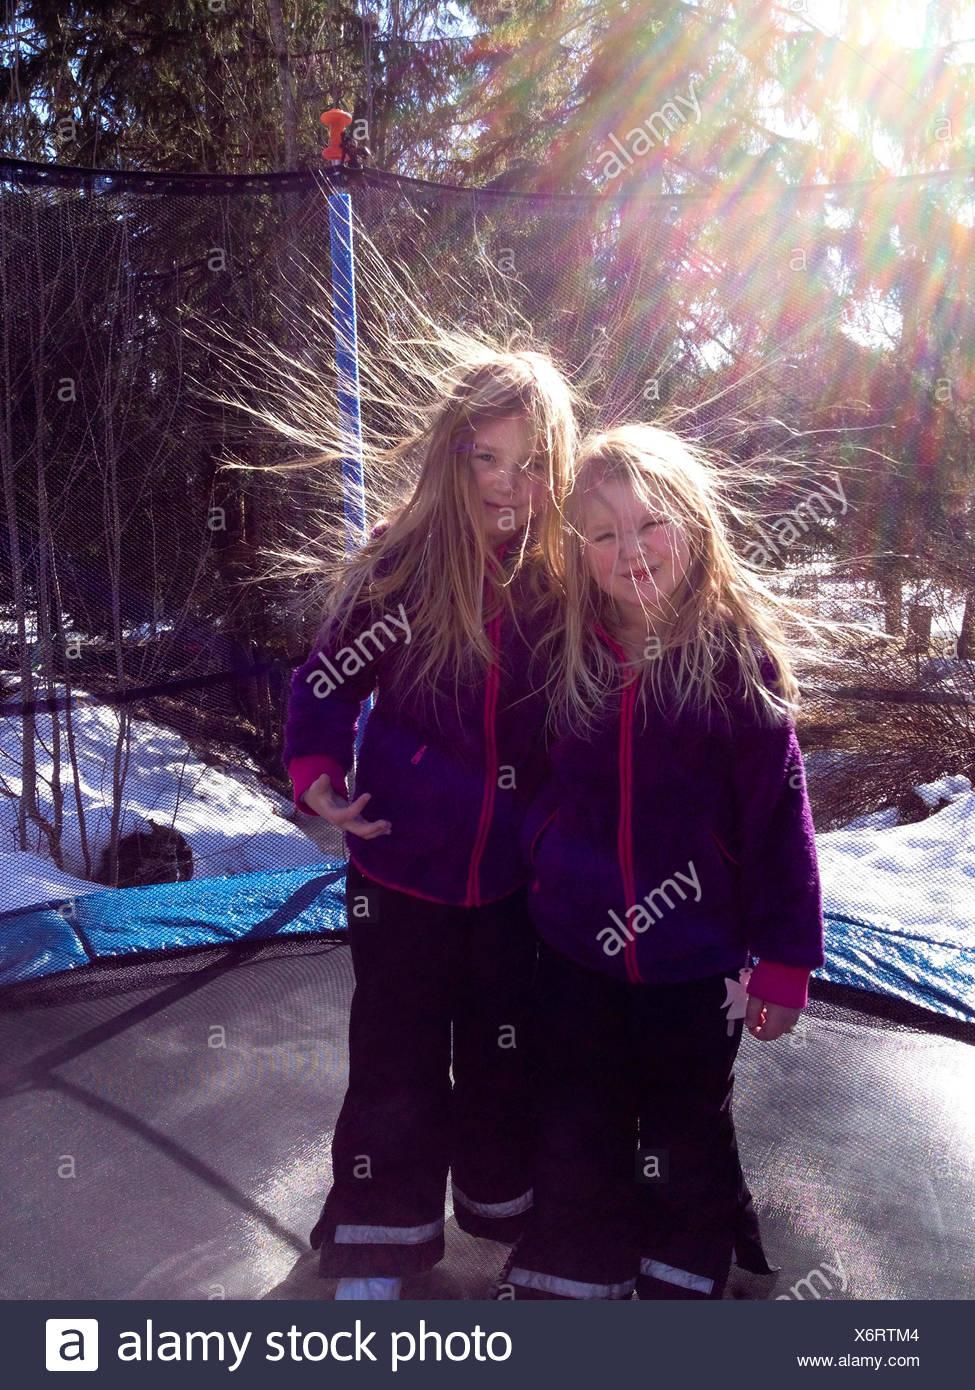 La Svezia, due ragazze (6-7 anni, 8-9 anni) sul trampolino con capelli statico Immagini Stock